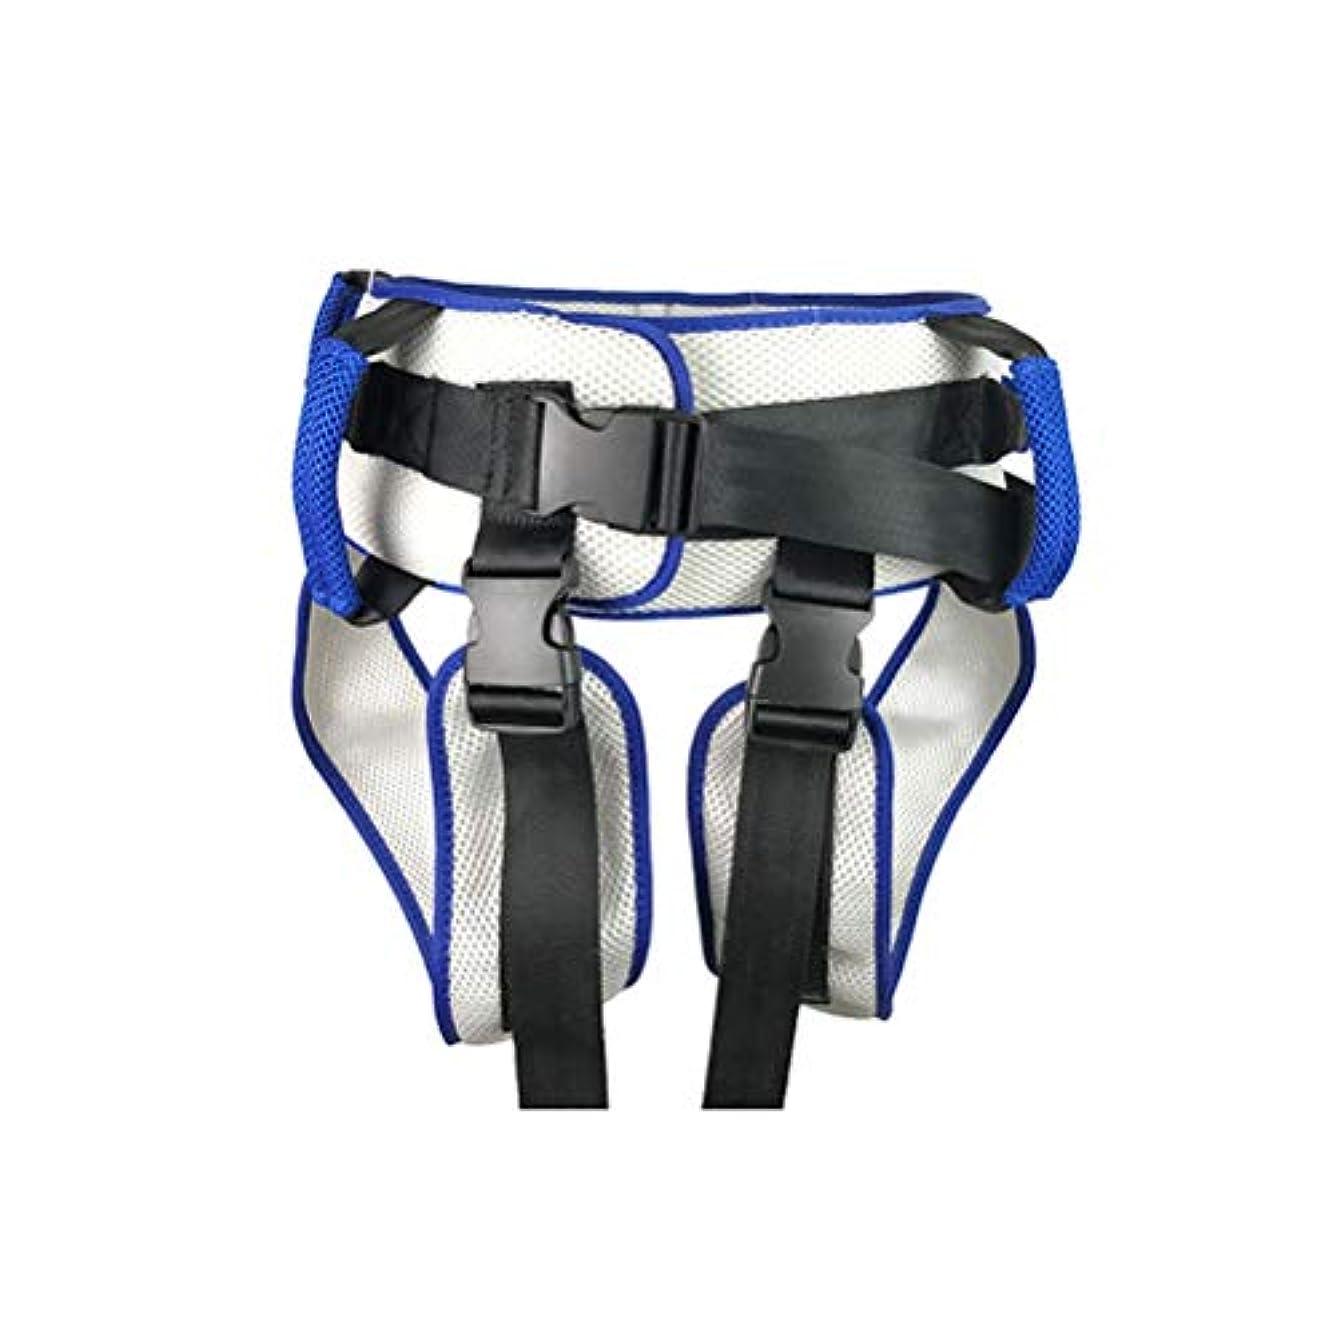 吐き出す環境に優しい専門HEALLILY 足のループ付きHEALLILYトランスファーベルト患者補助トランスファースリングリハビリテーションベルト下肢歩行立ちトレーニング用具(青)